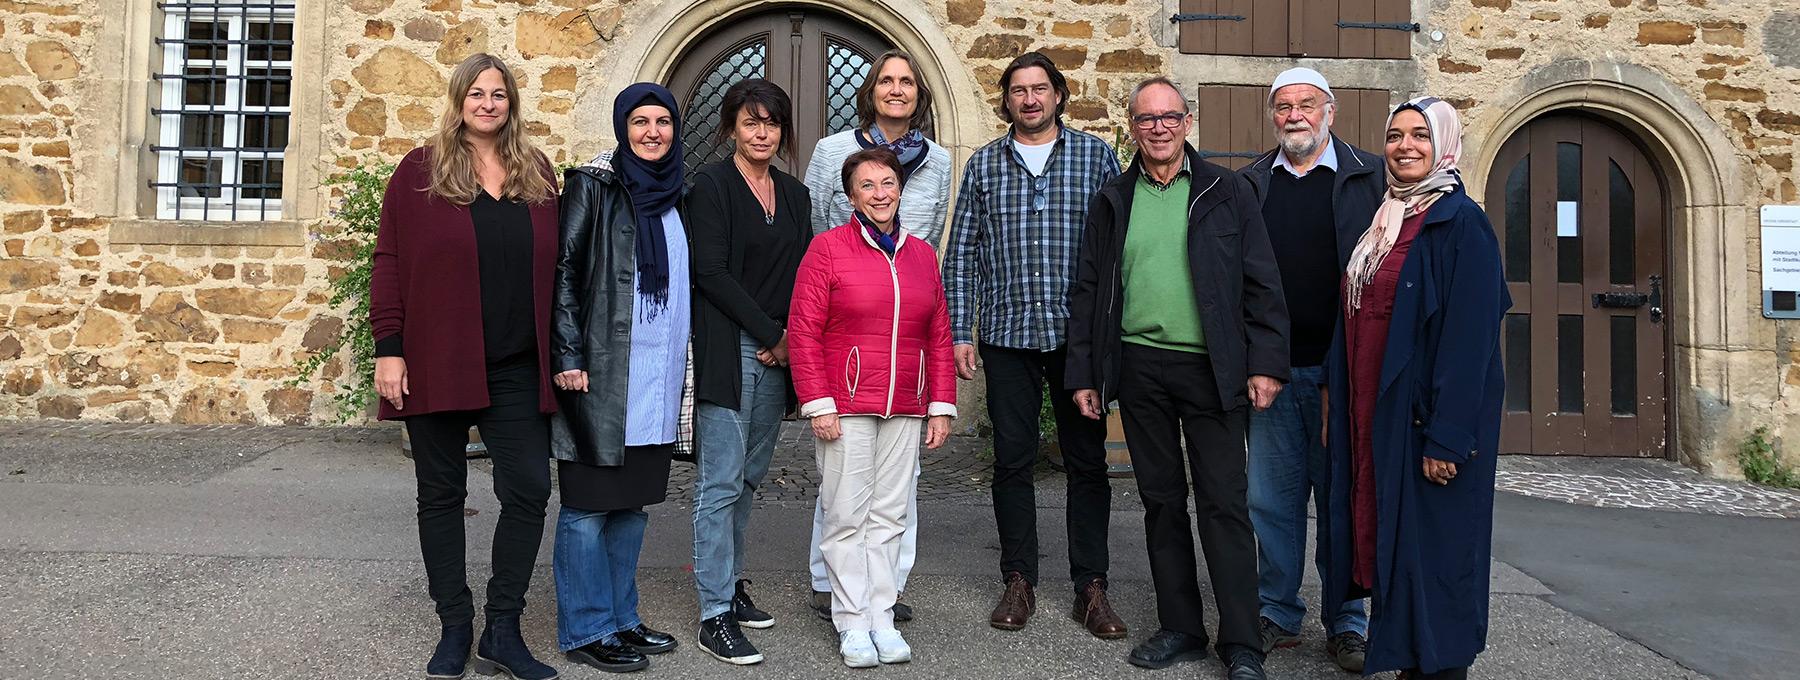 Gruppenfoto der Mitglieder des Integrationsrats